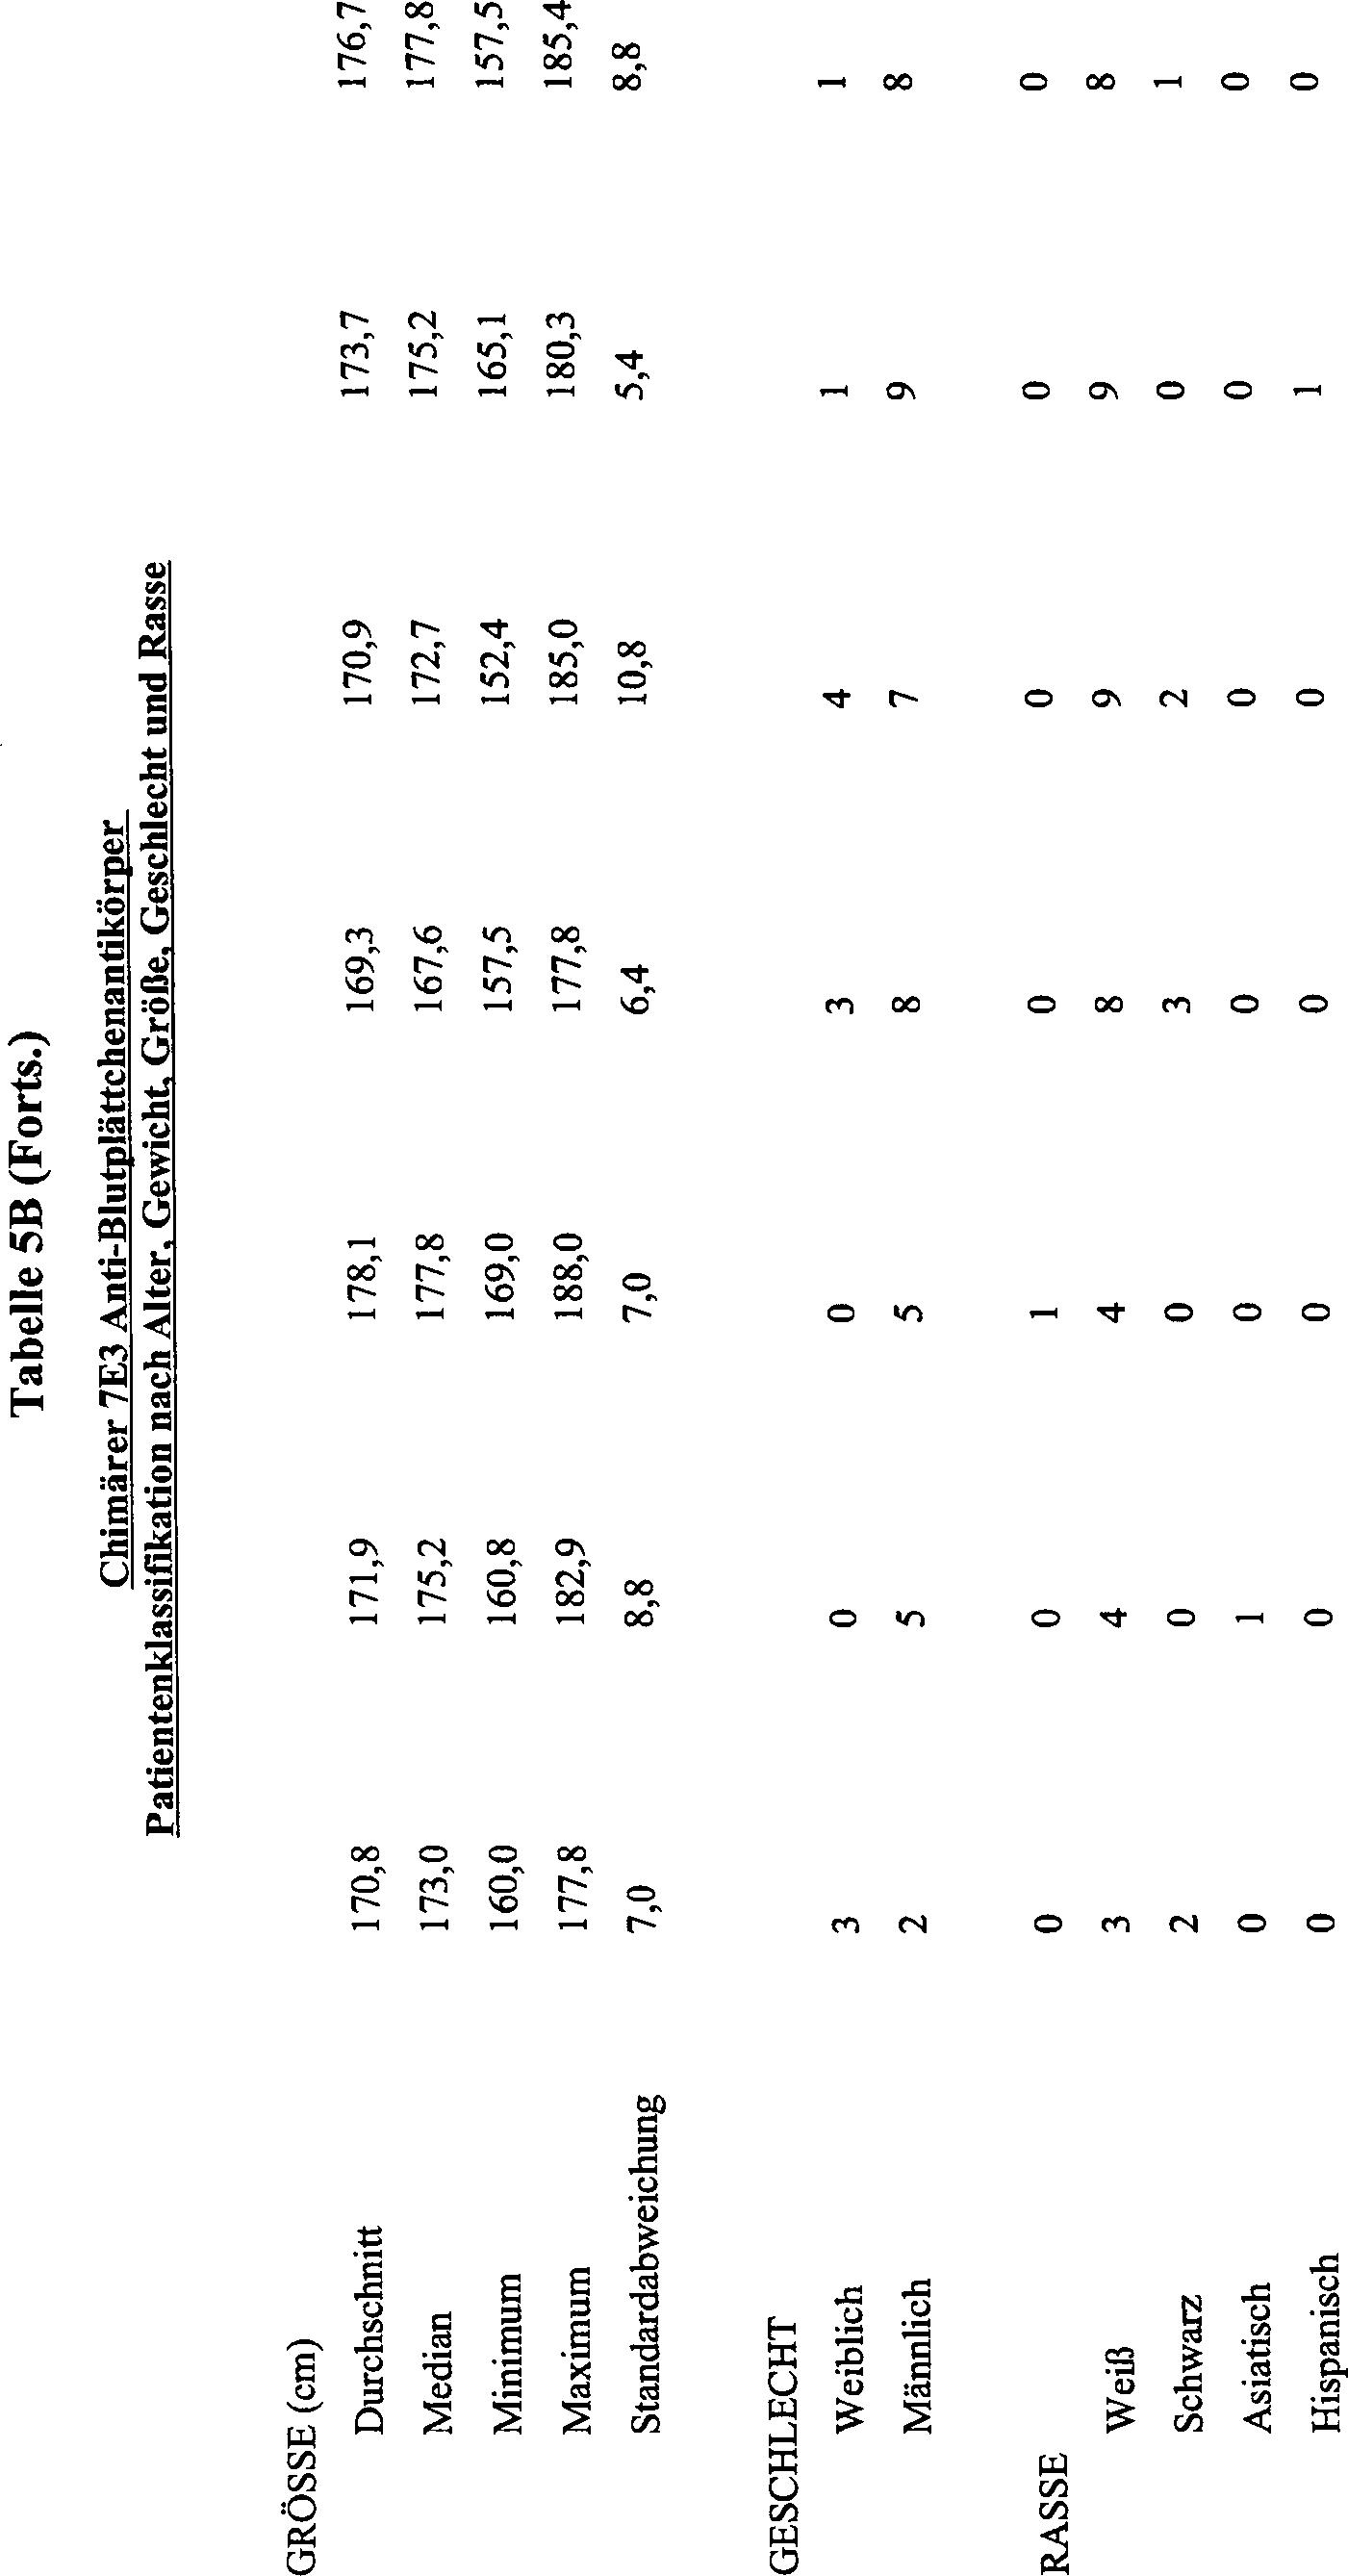 DE69433091T3 - Use of to glycoprotein gpIIb / IIIa binding ...